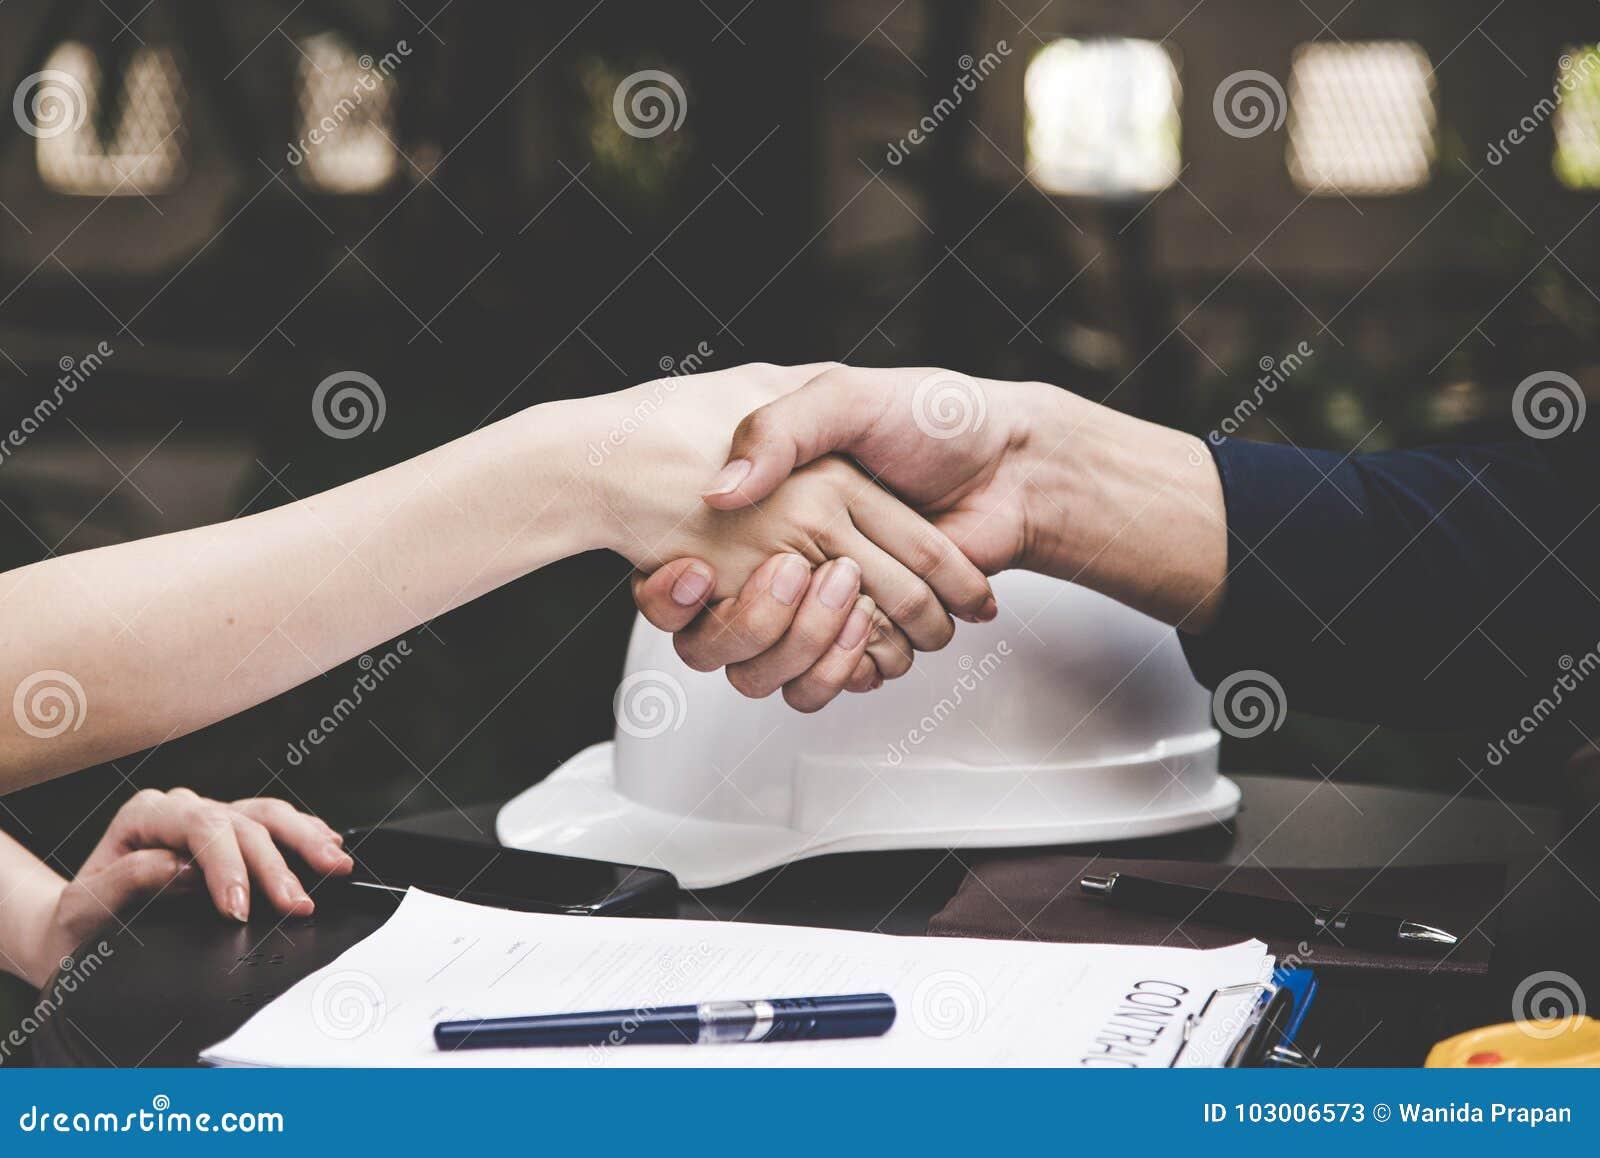 Nahaufnahme eines festen Händedrucks zwischen zwei Kollegen, nachdem ein Vertrag unterzeichnet worden ist